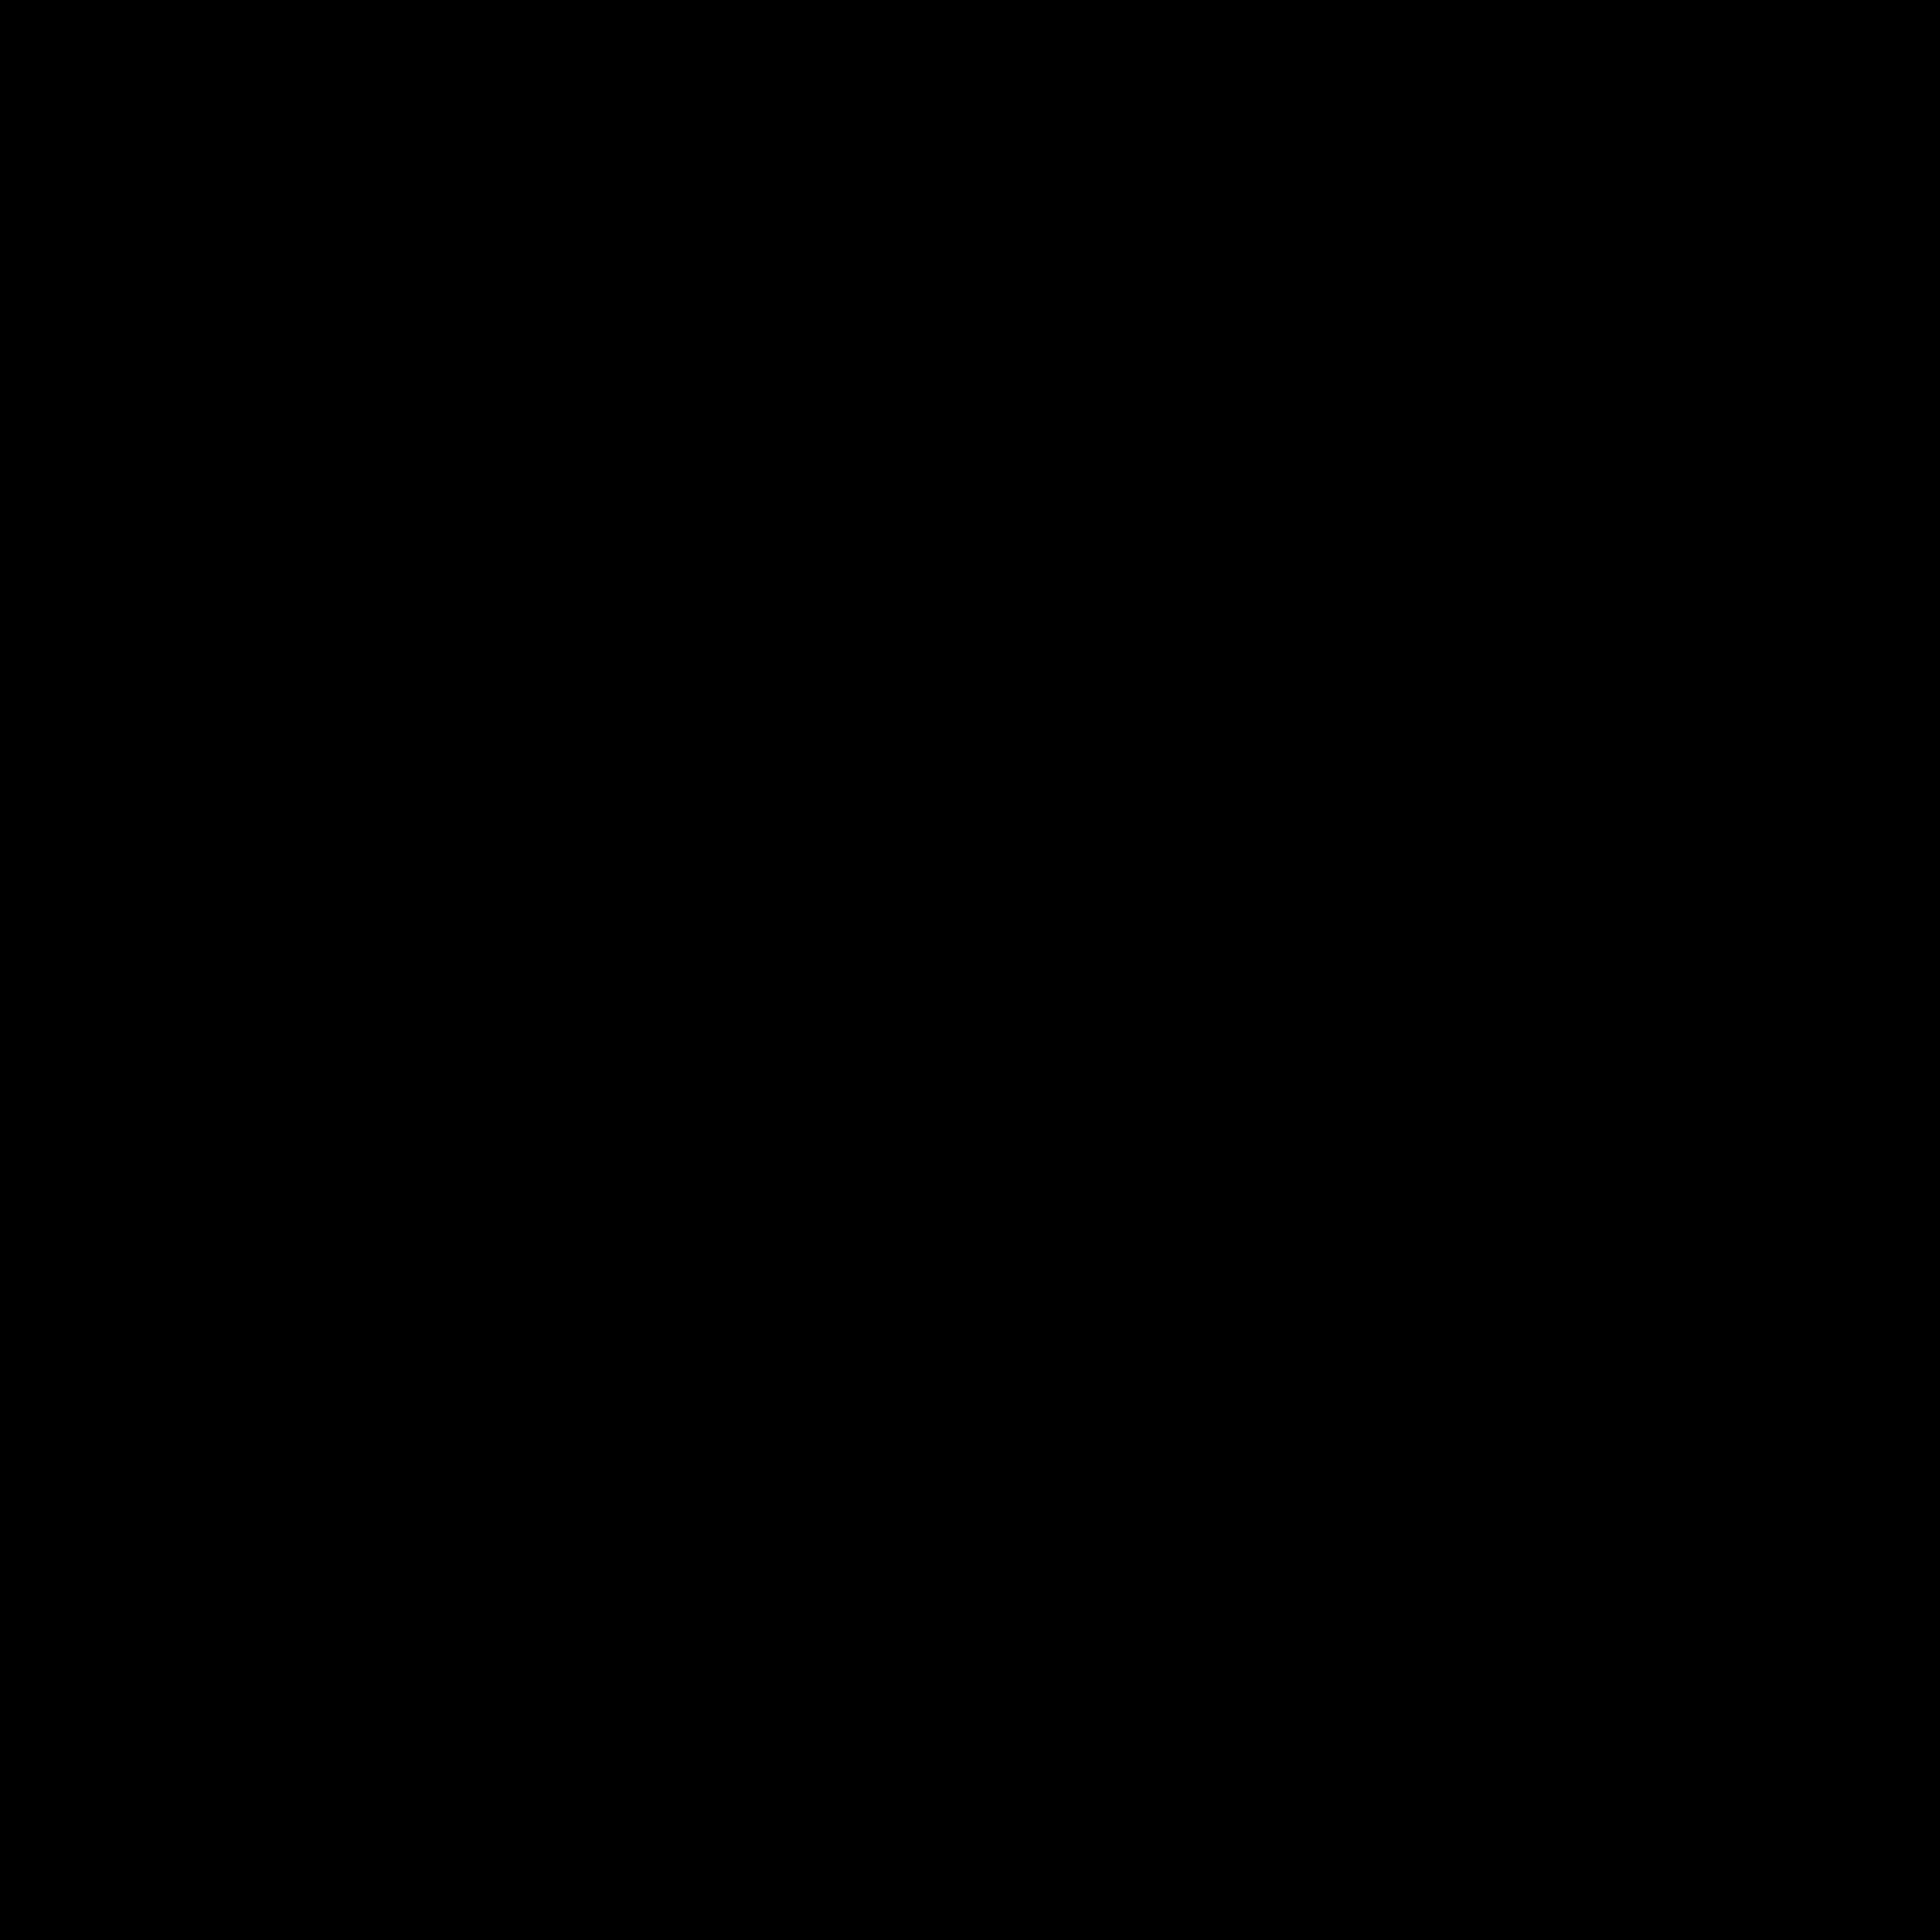 revlon logo png transparent svg vector freebie supply rh freebiesupply com revlon logo 2017 revlon logo font